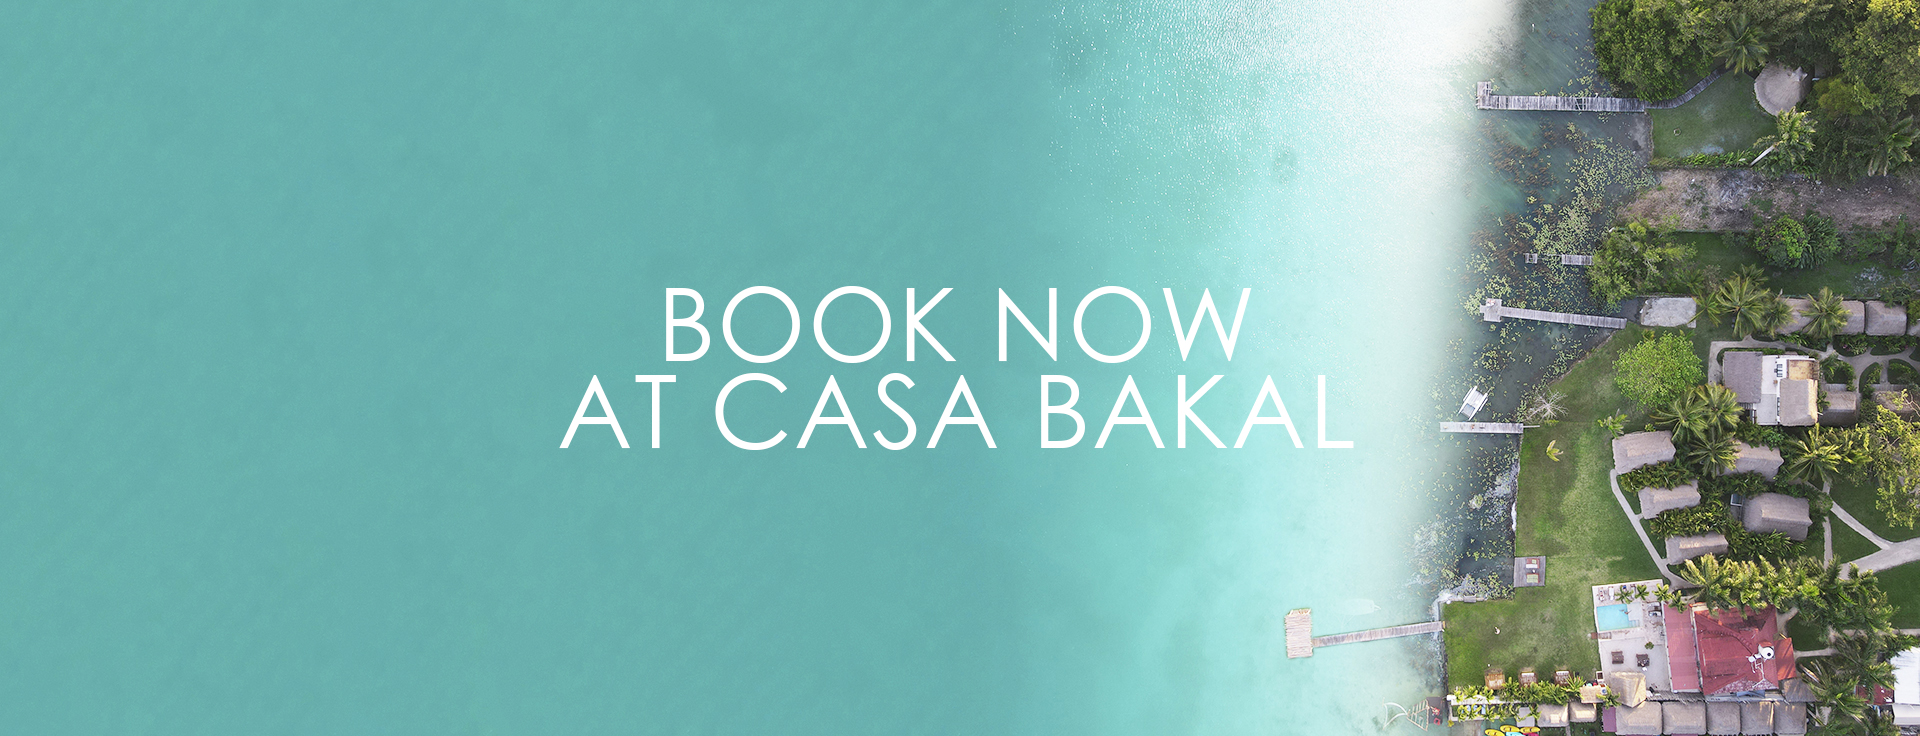 Casa Bakal BOOK